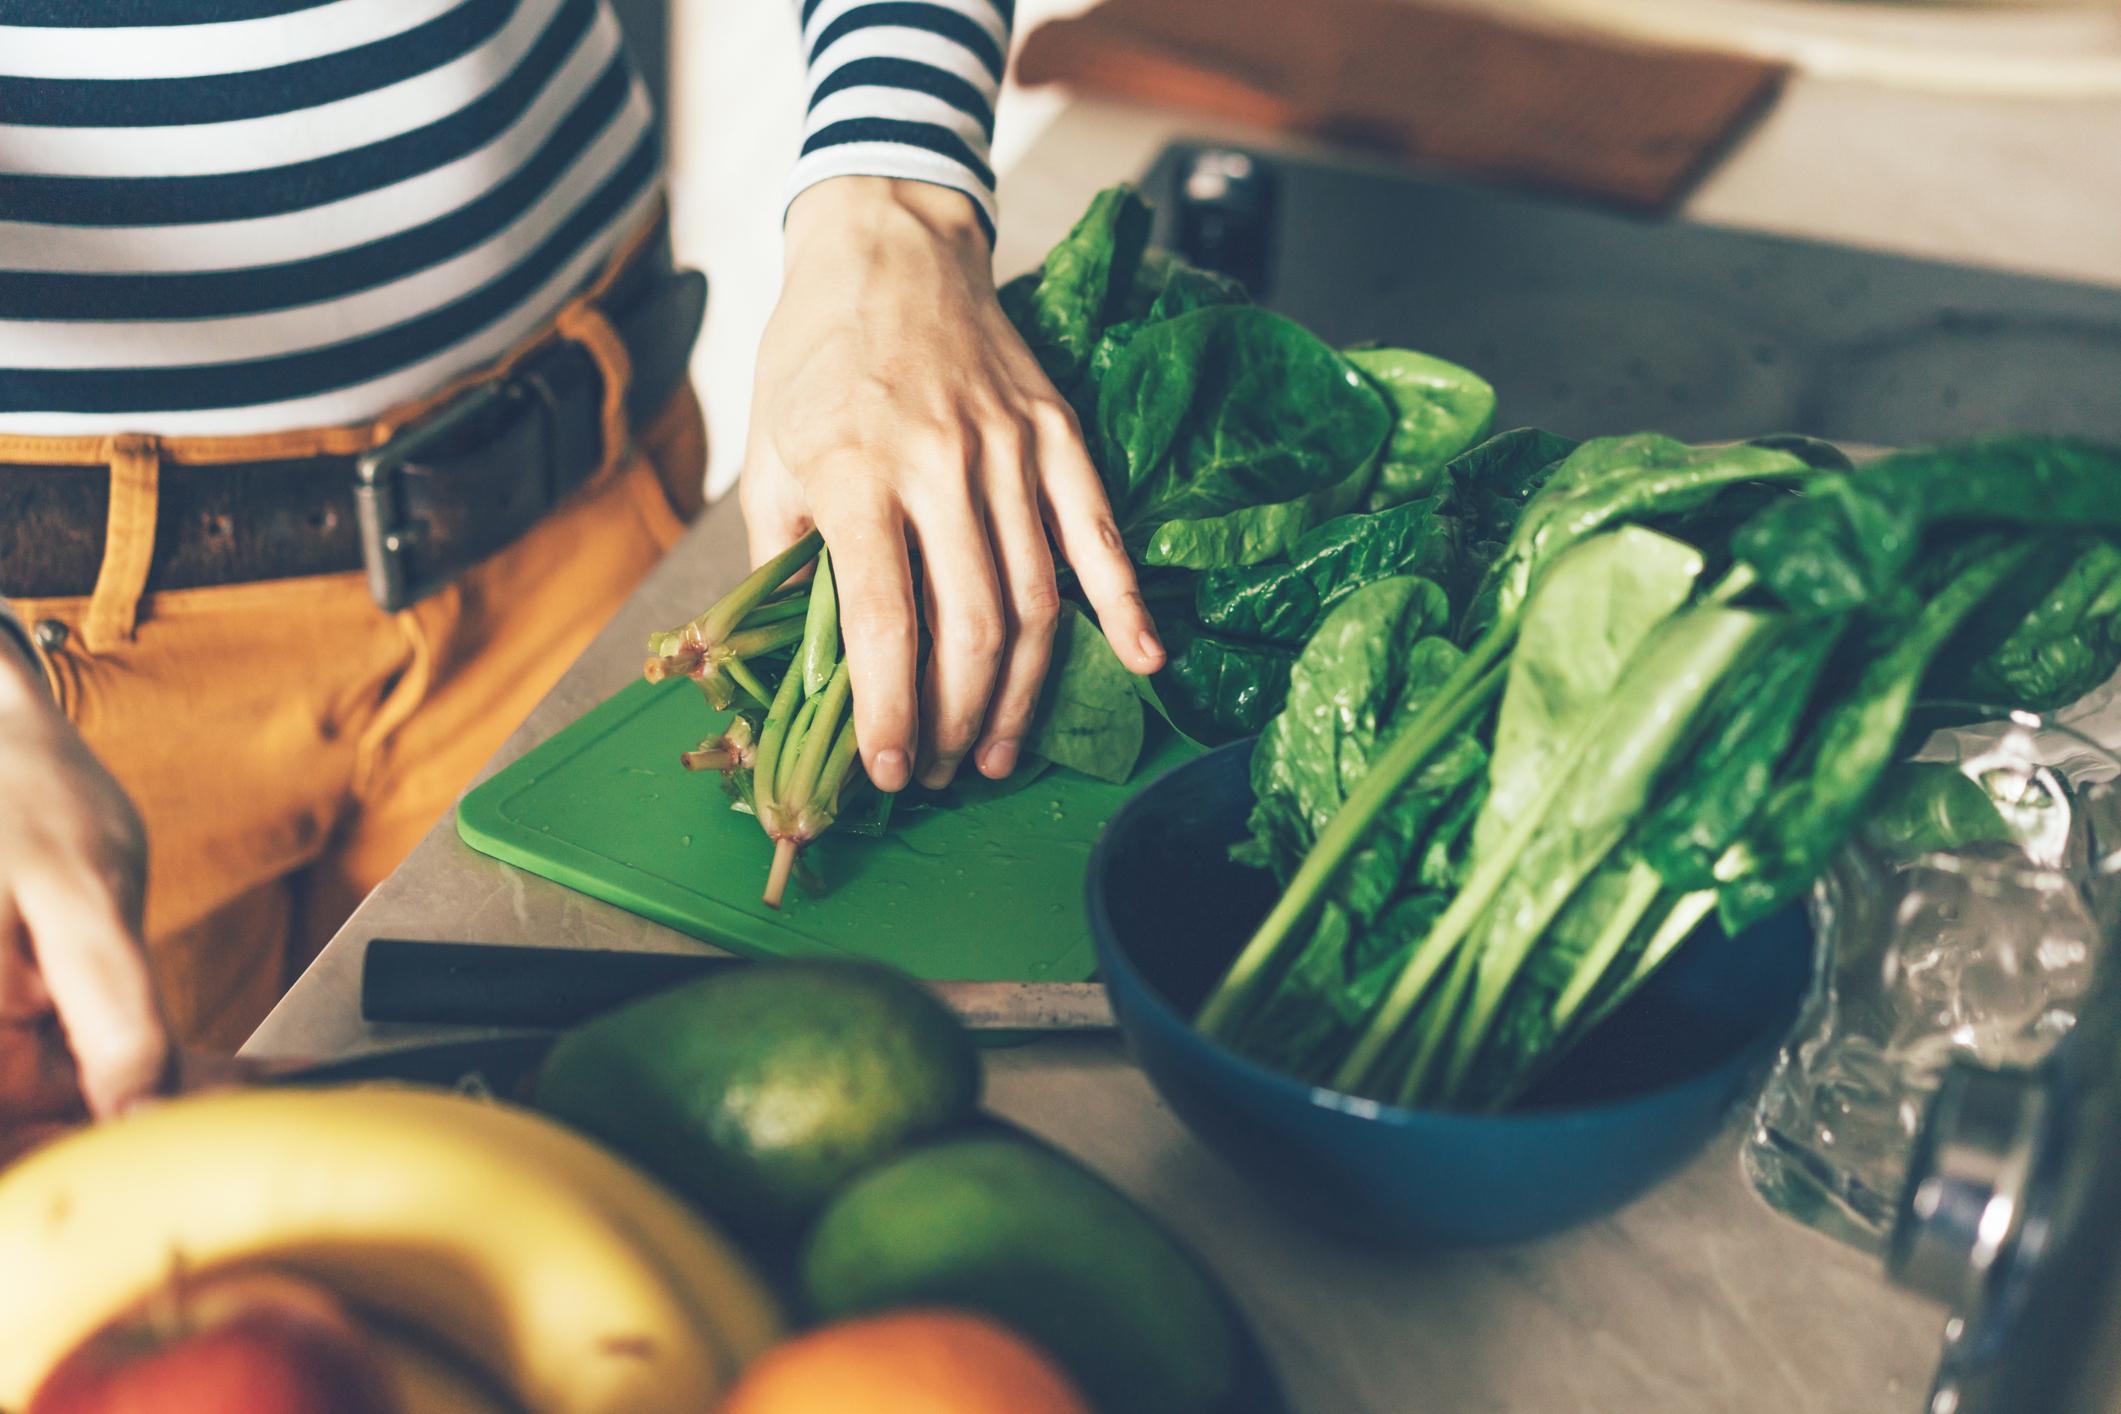 Špinat, ali i sve zeleno lisnato povrće, obiluje antioksidansima pa se smatra poželjnim za dobar imunitet